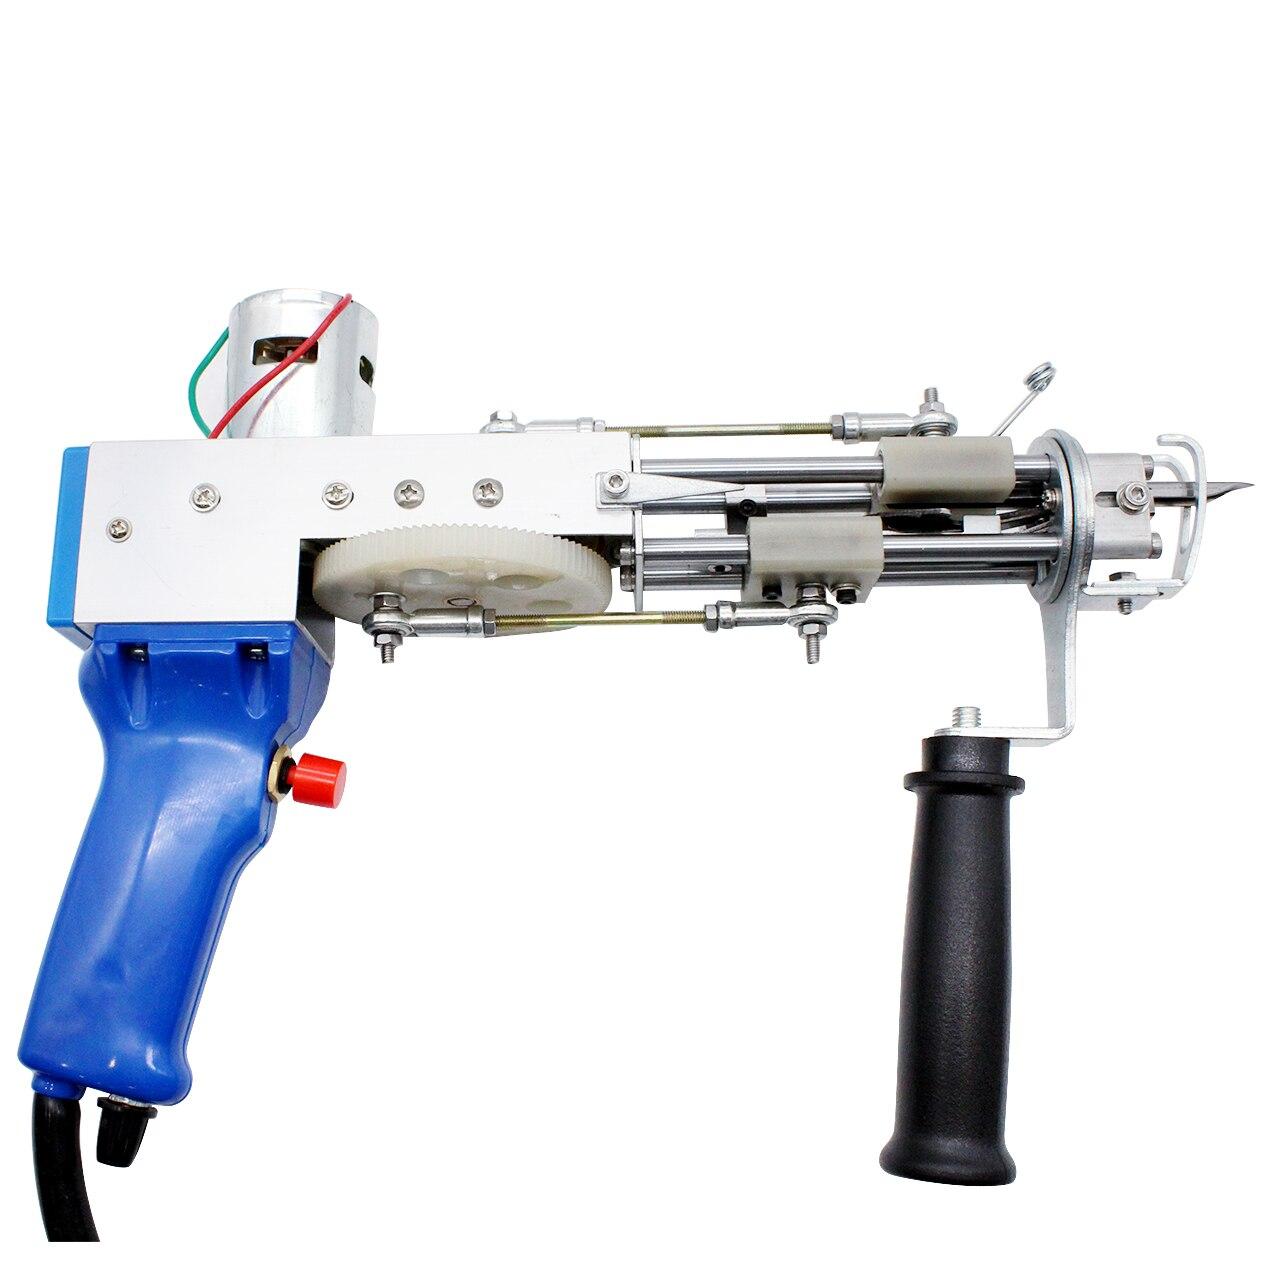 Electric carpet tufting gun hand gun Carpet weaving flocking machines Loop Pile TD-02 enlarge